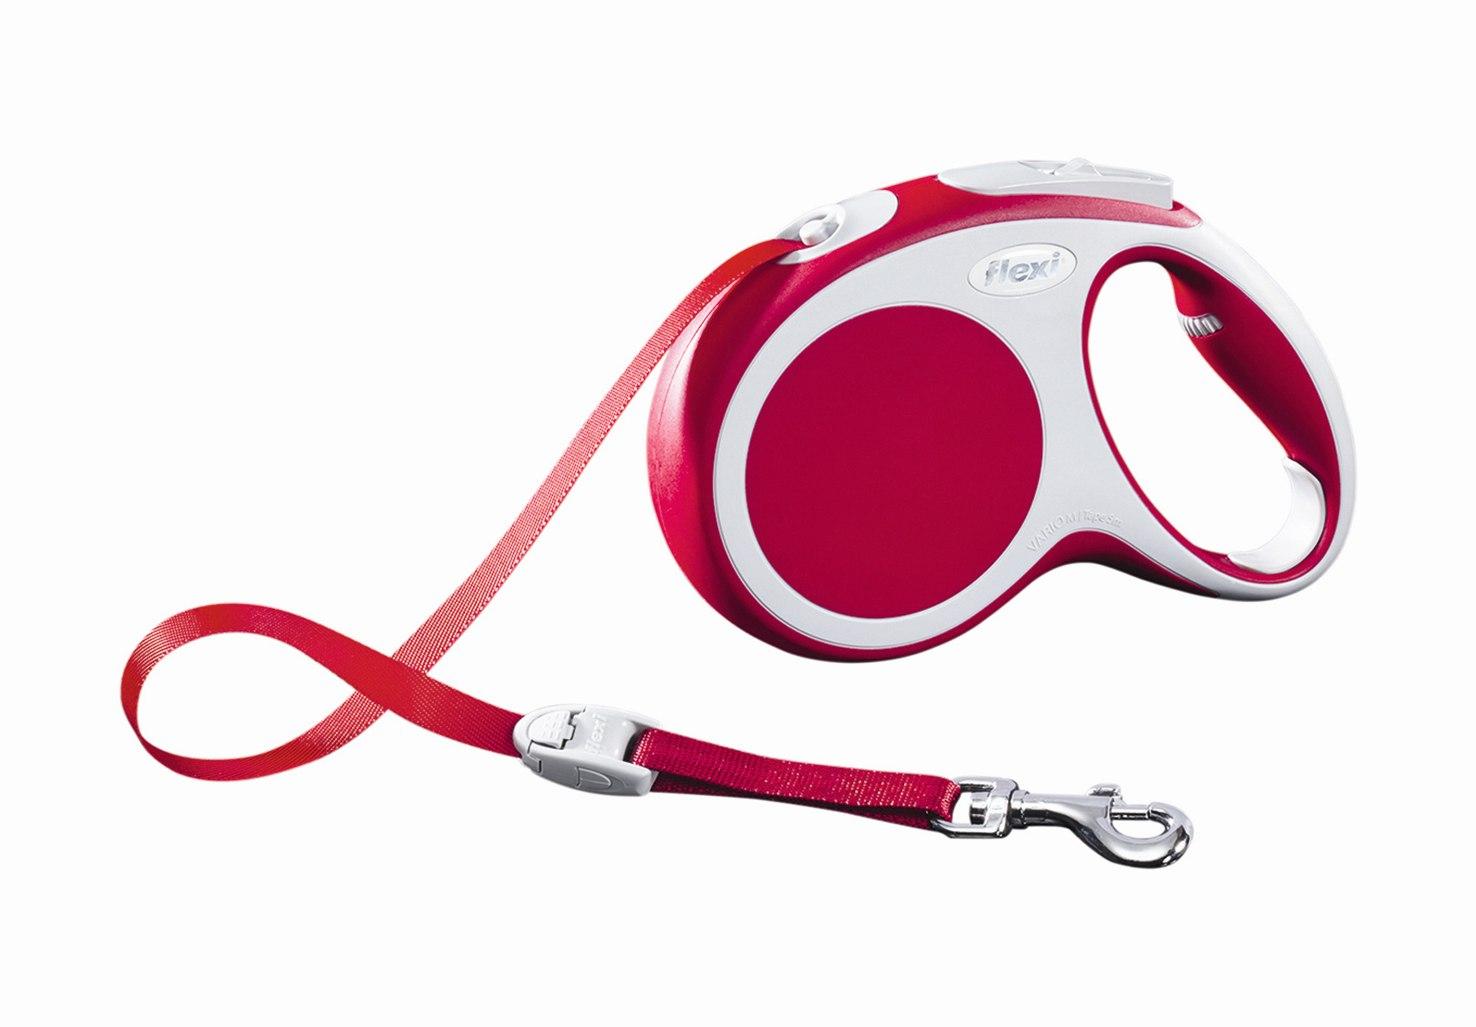 """Поводок-рулетка Flexi """"Vario Compact М"""" для собак до 25 кг, цвет: красный, 5 м"""